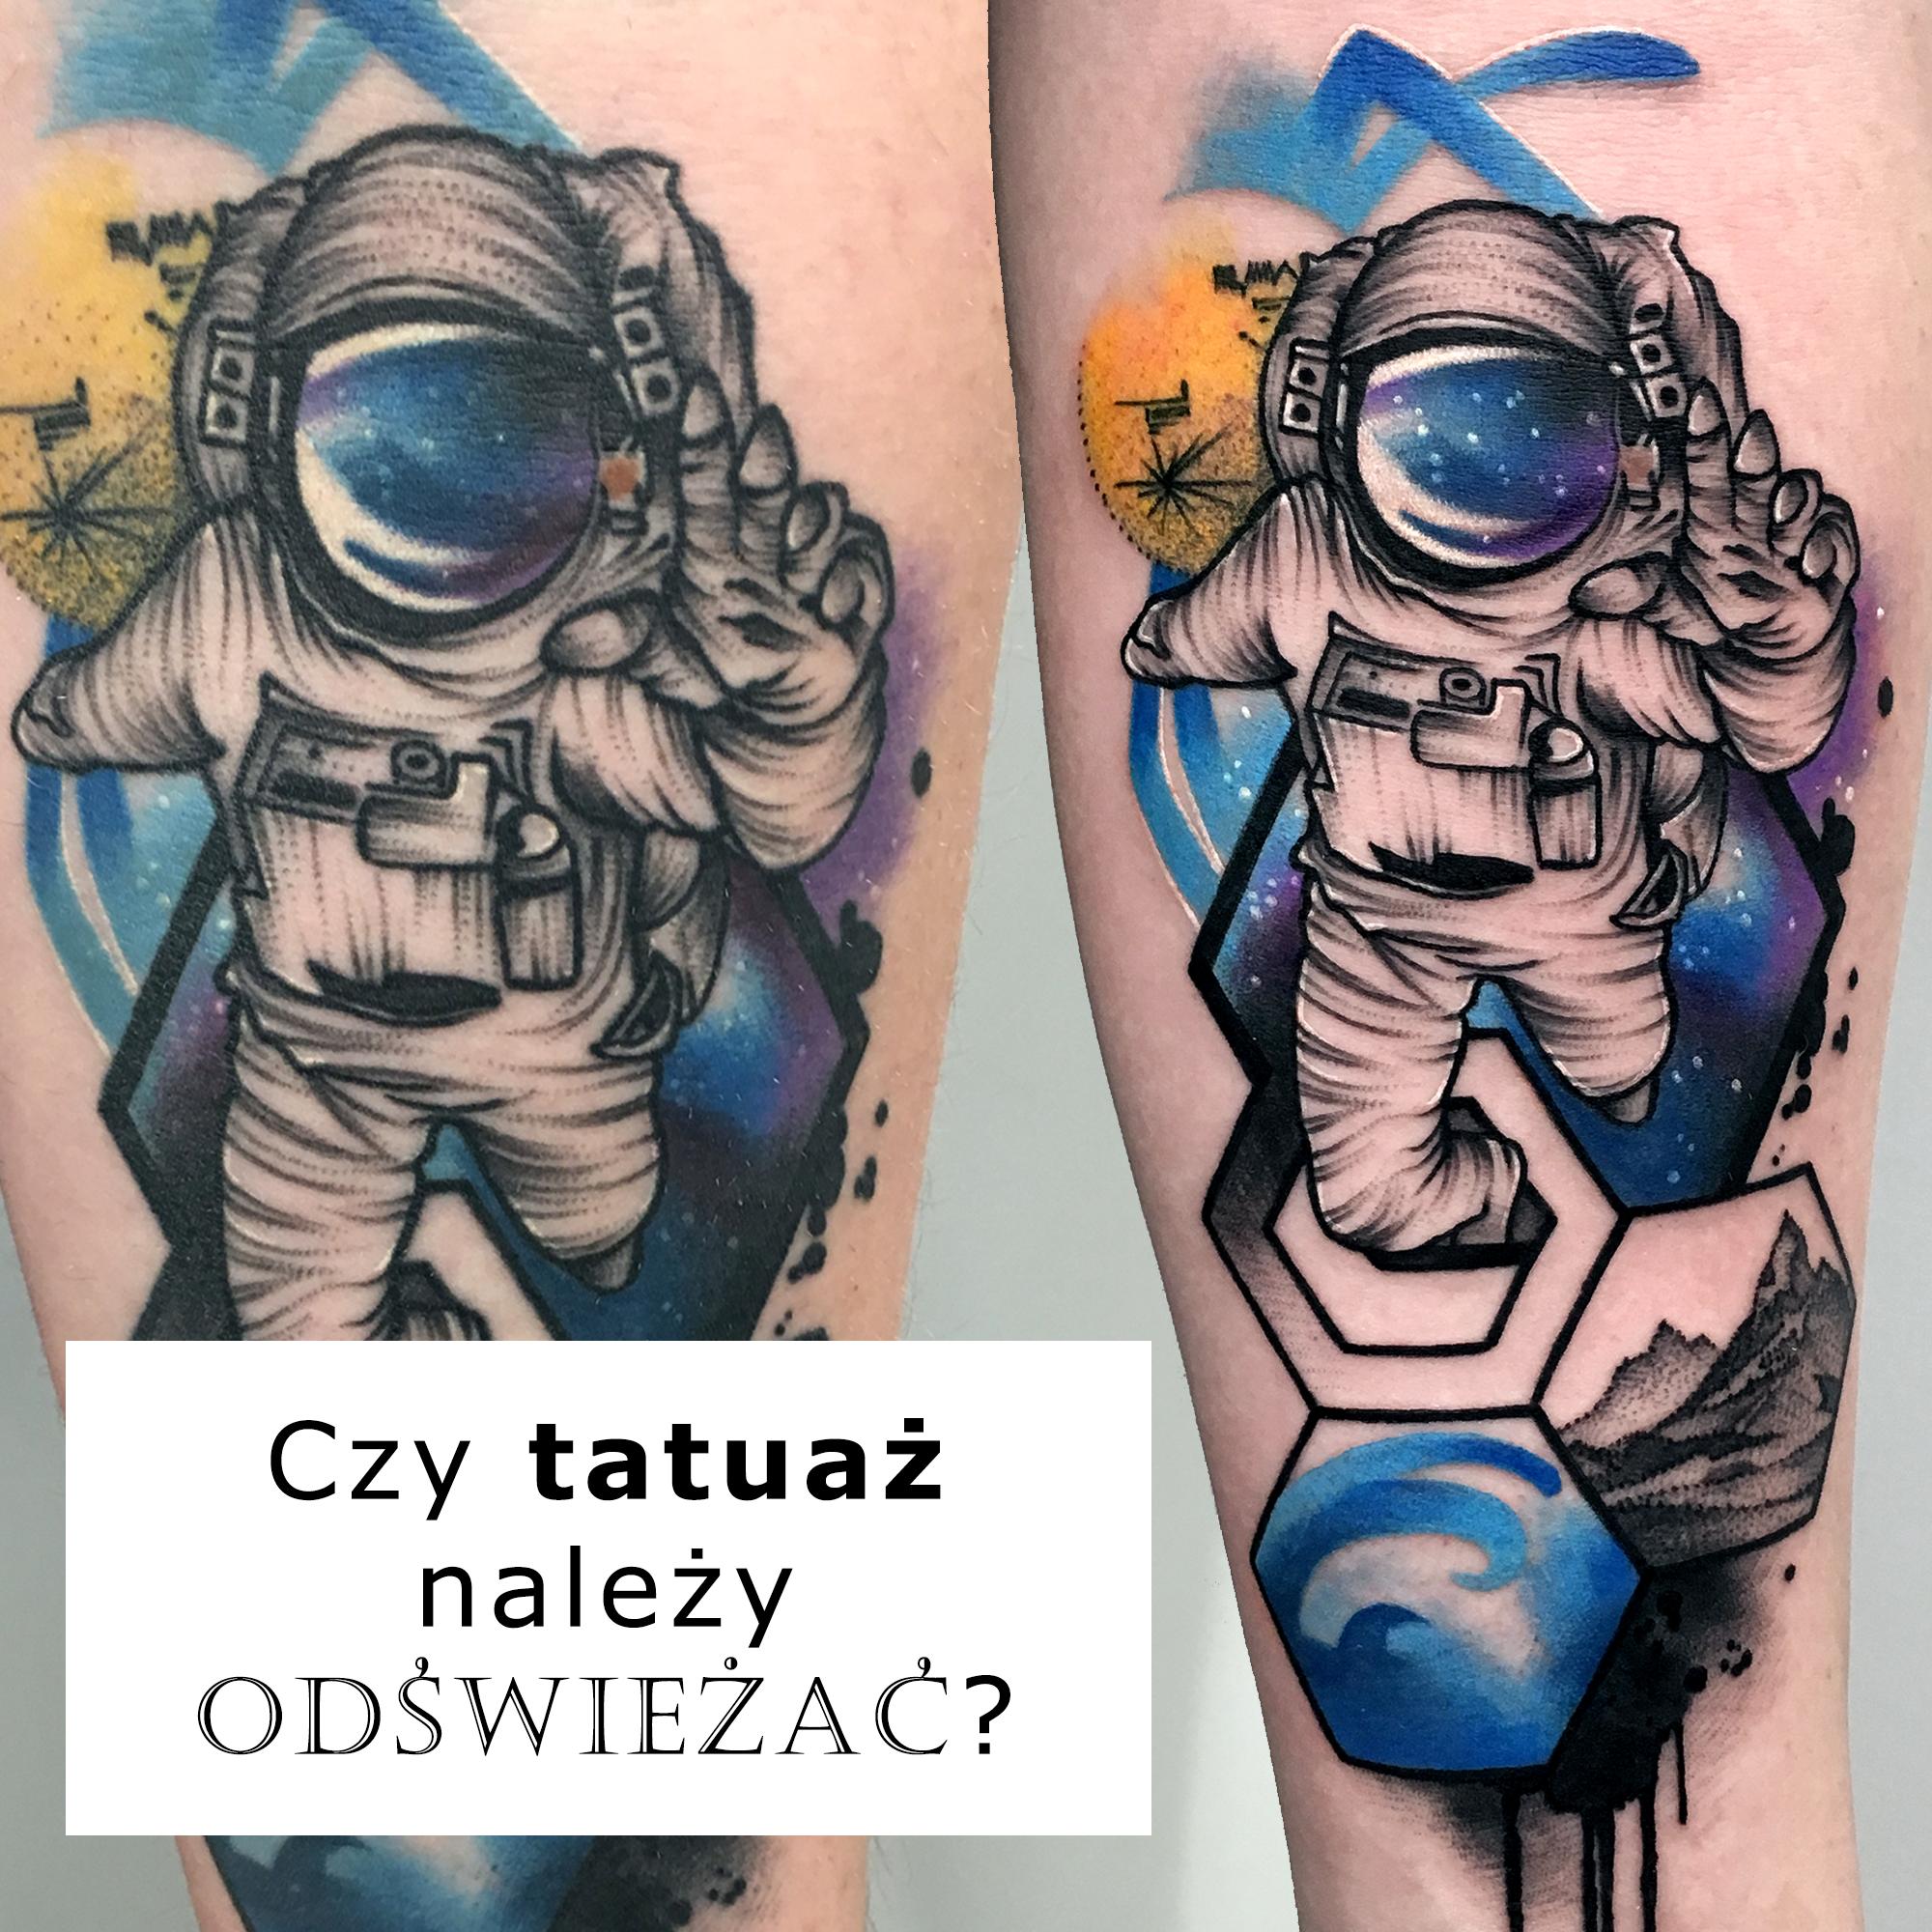 Czy tatuaż należy odświeżać